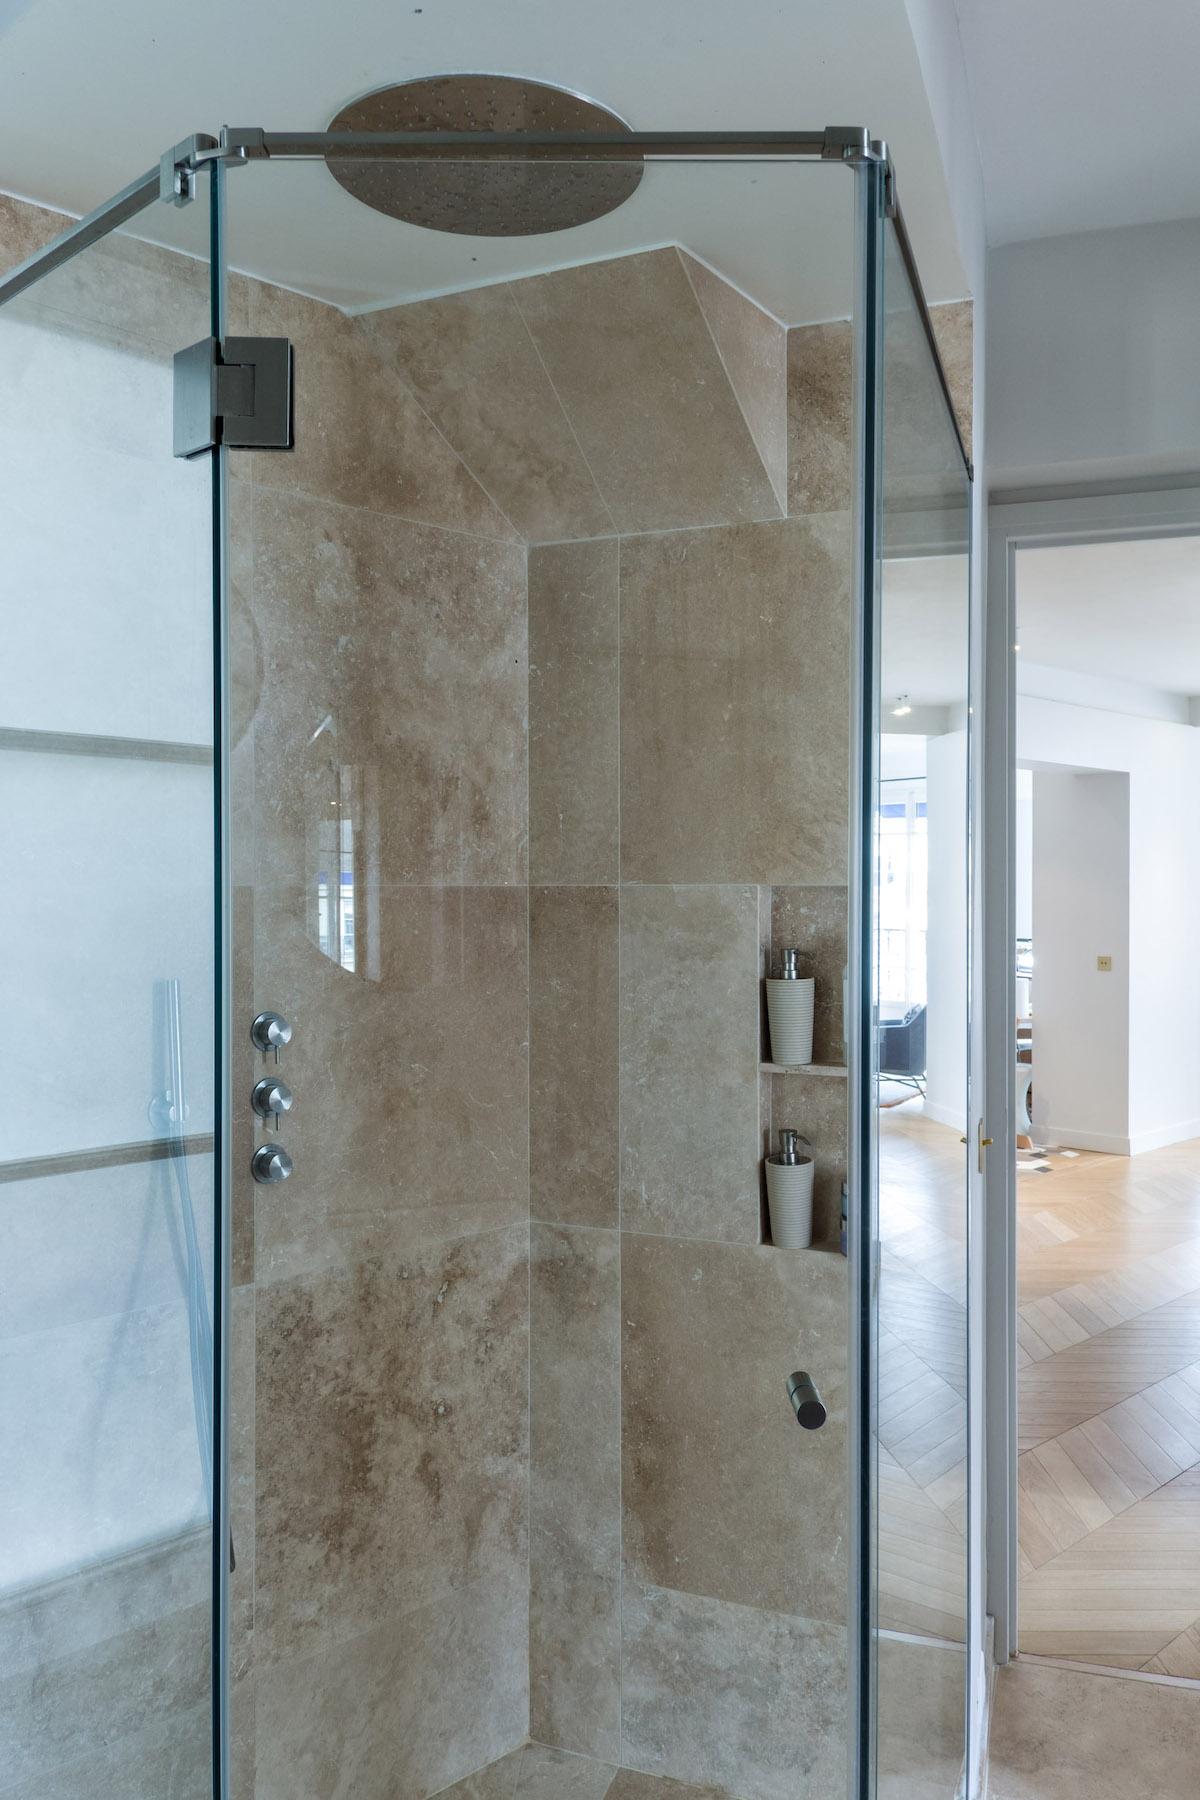 déco bohème chic douche italienne angle marbre beige marron porte vitrée